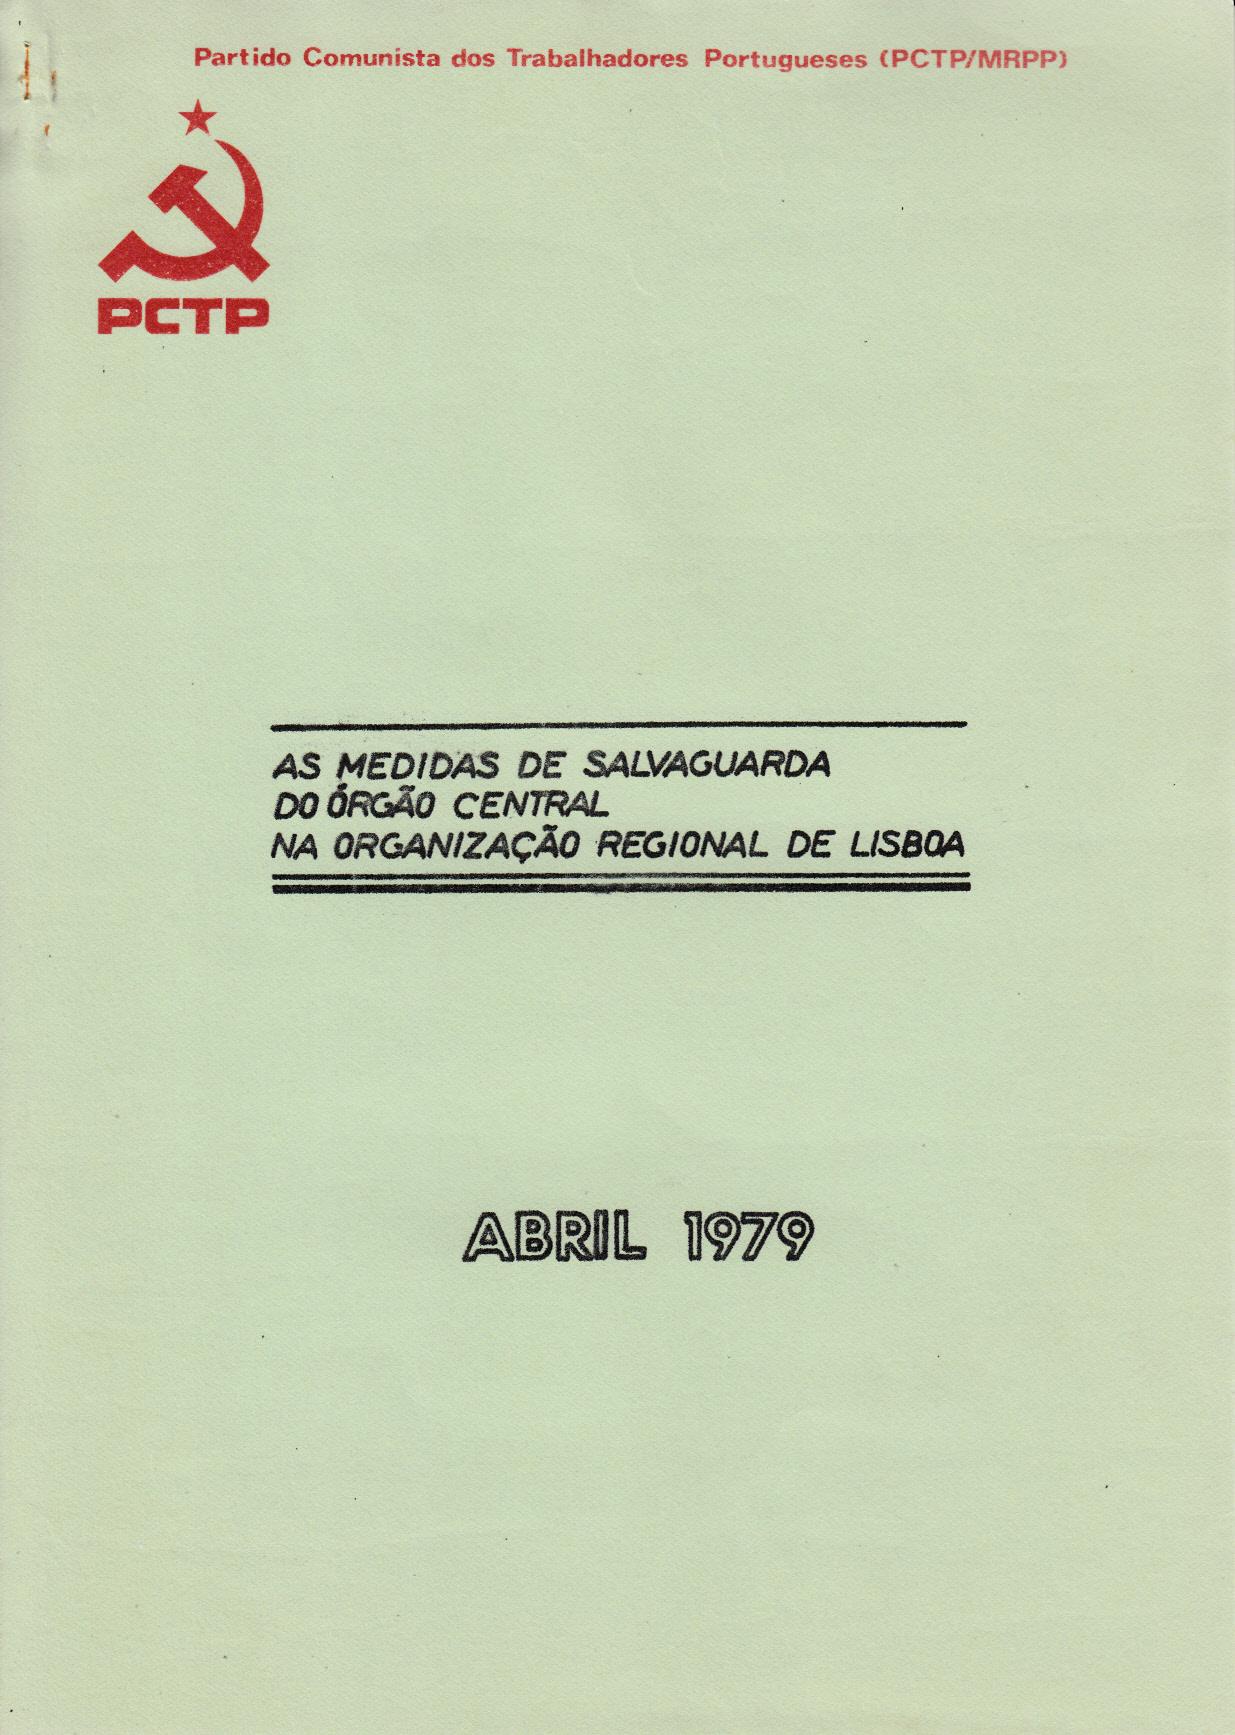 MRPP_1979_04_00